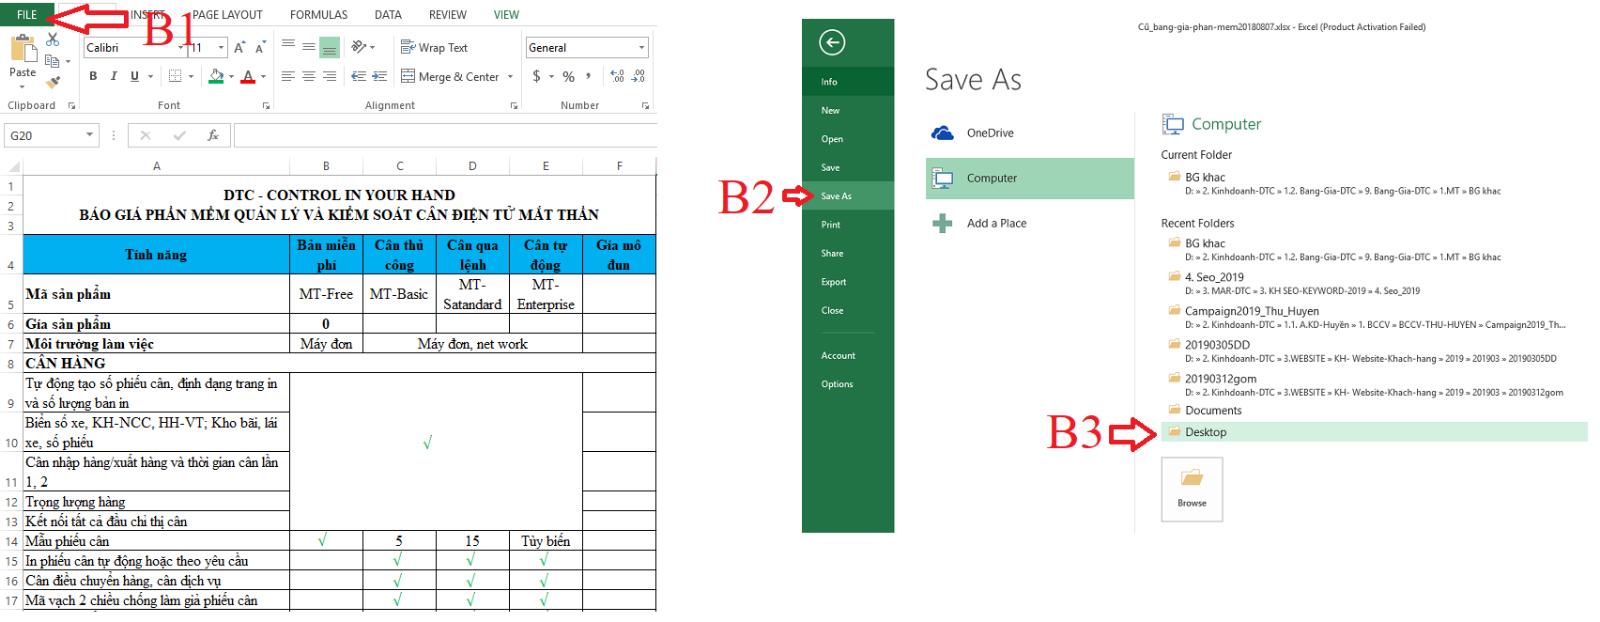 cách chuyển file excel sang pdf giữ nguyên định dạng